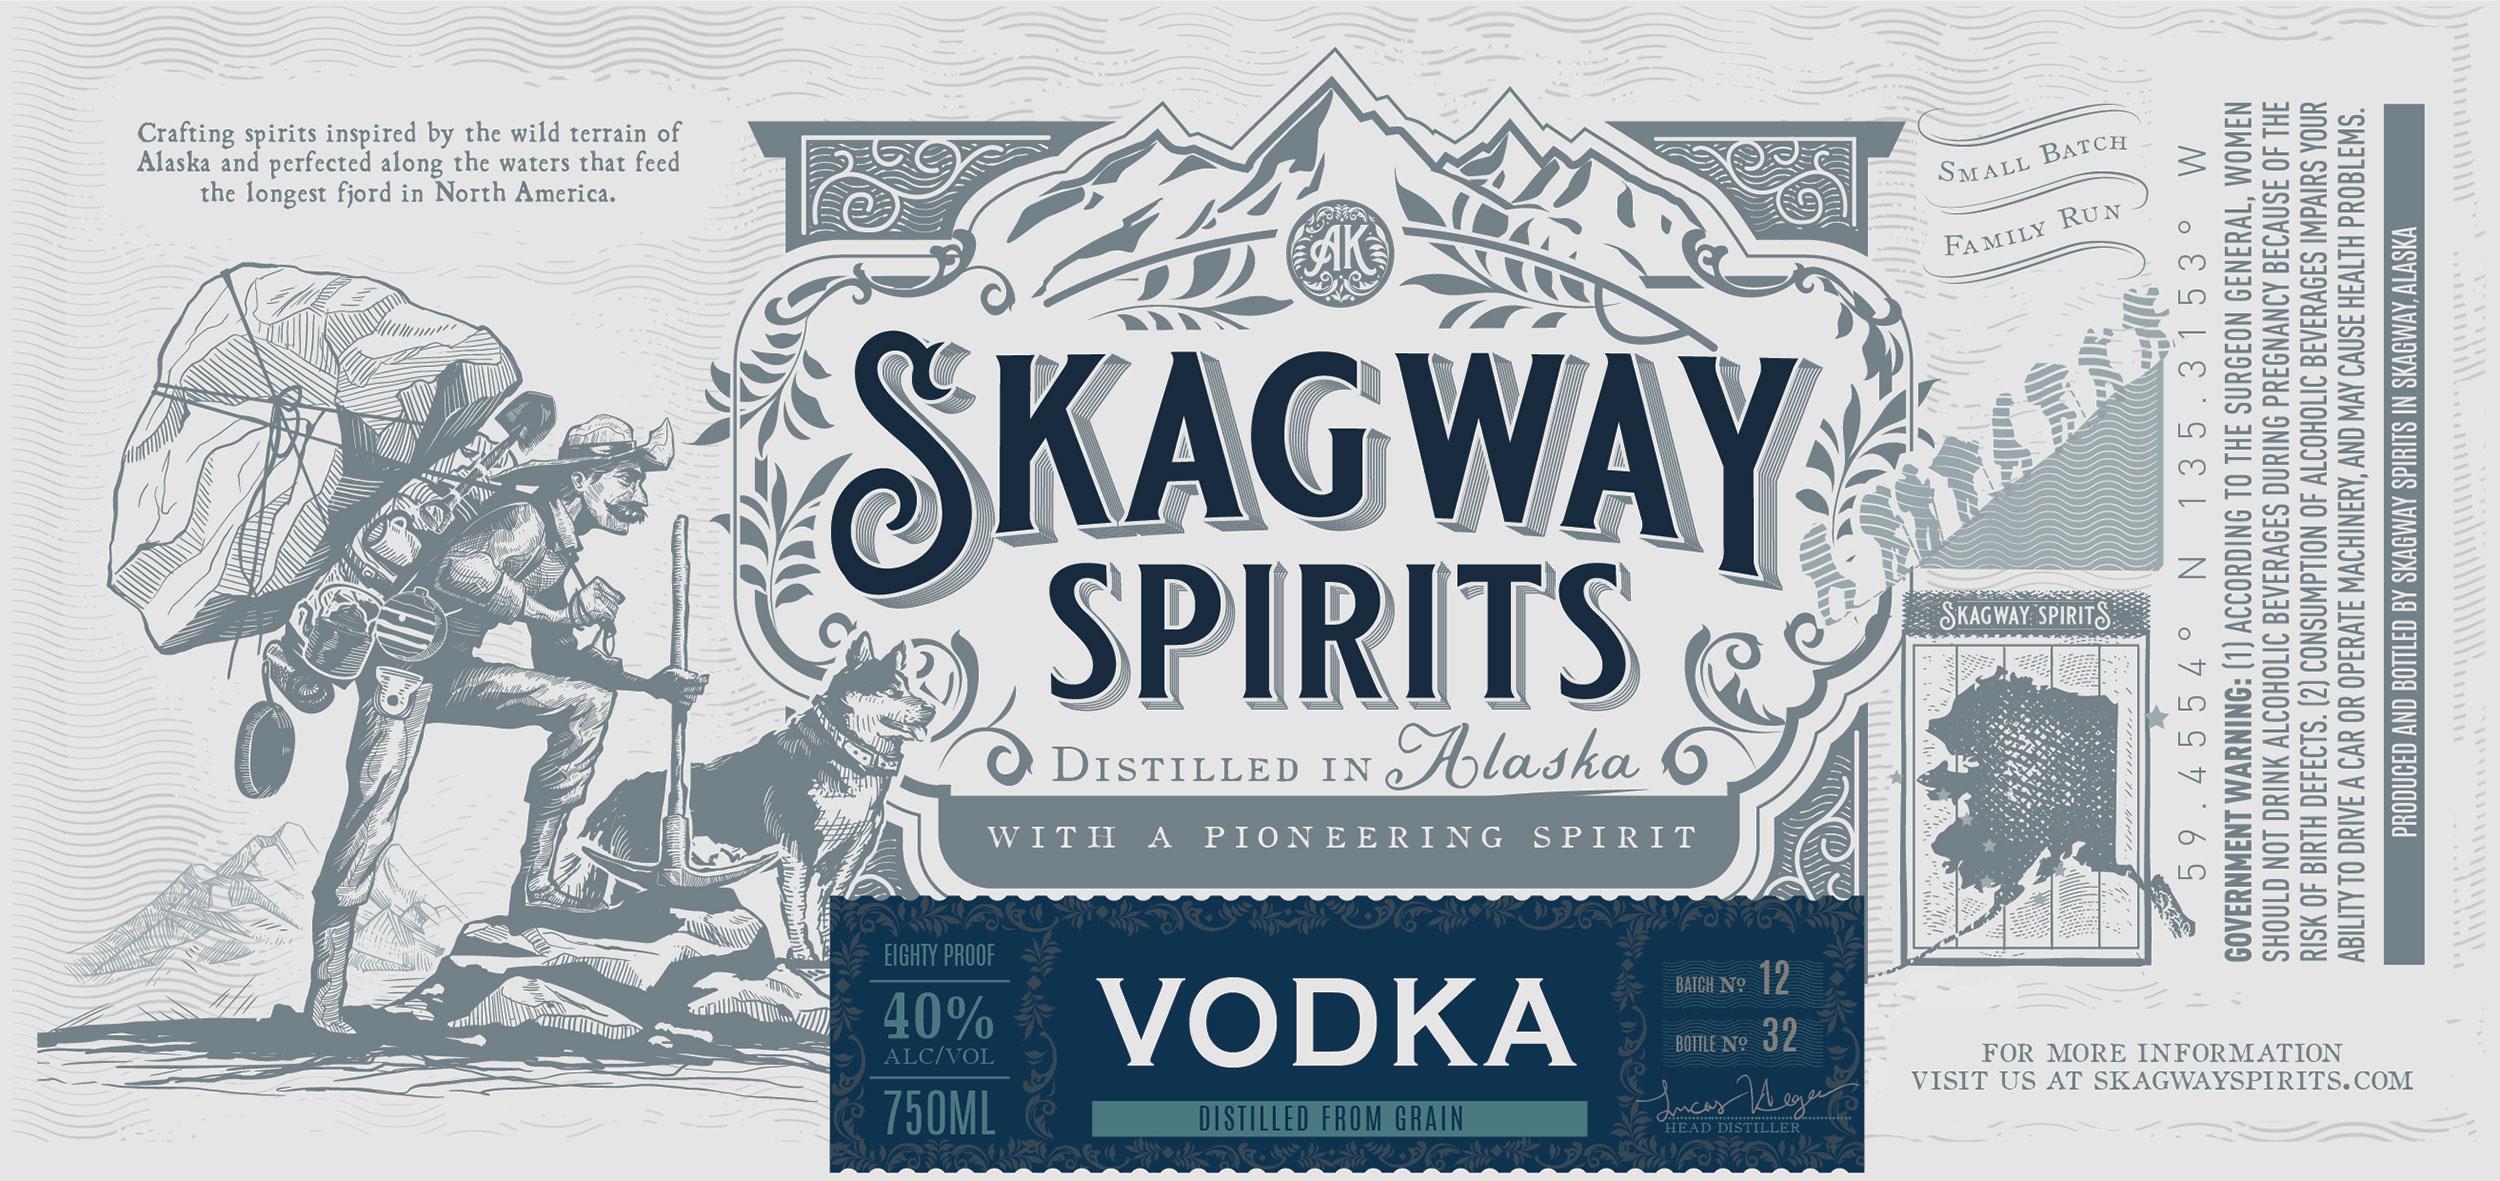 Skagway_Spirits_750ML_White_Label_Variation_Vodka_1.18.18-01-01-01